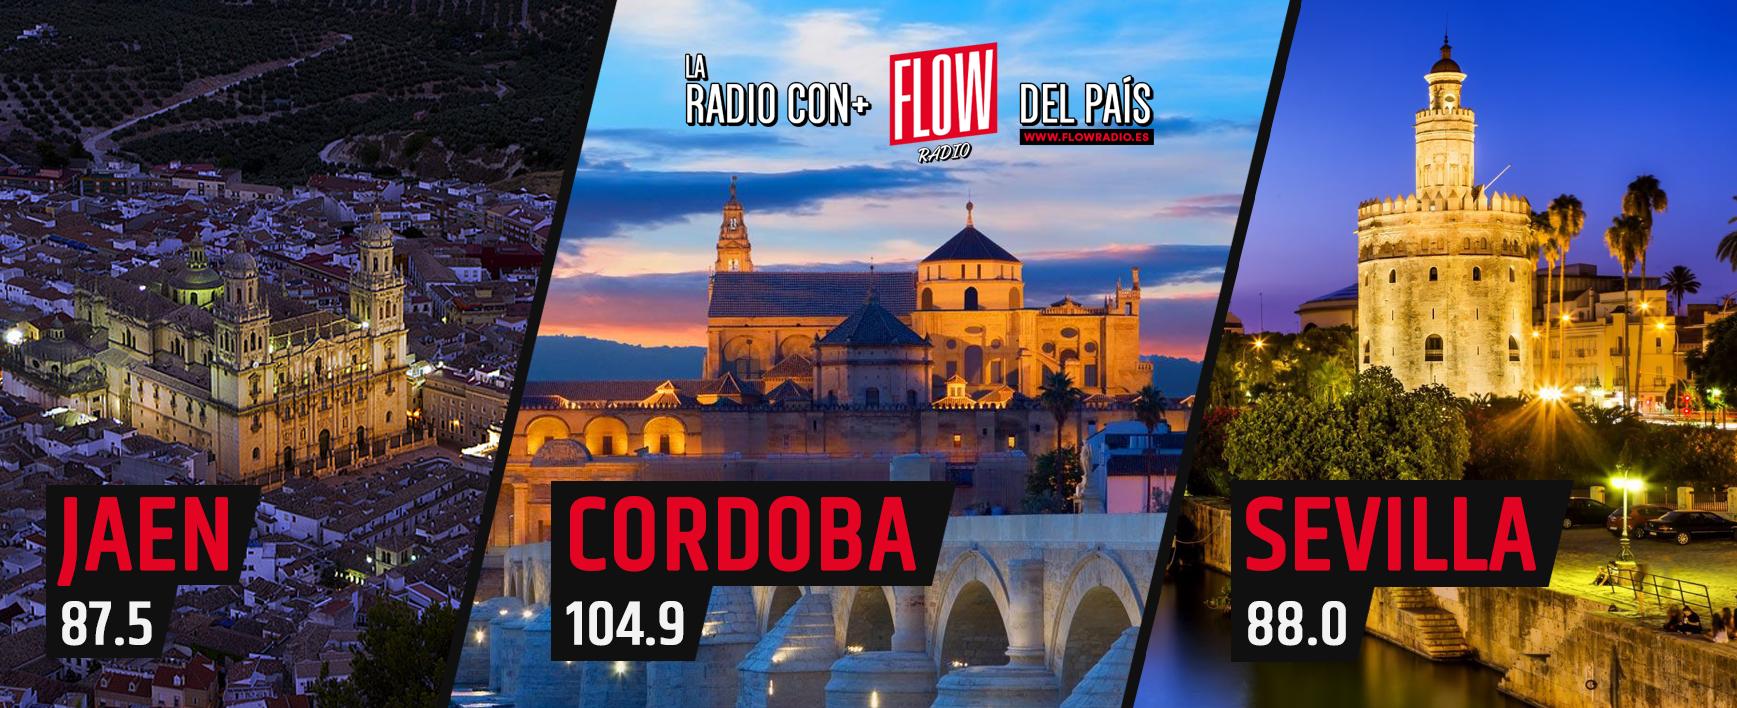 flowradio_diales_jaen_cord_sev